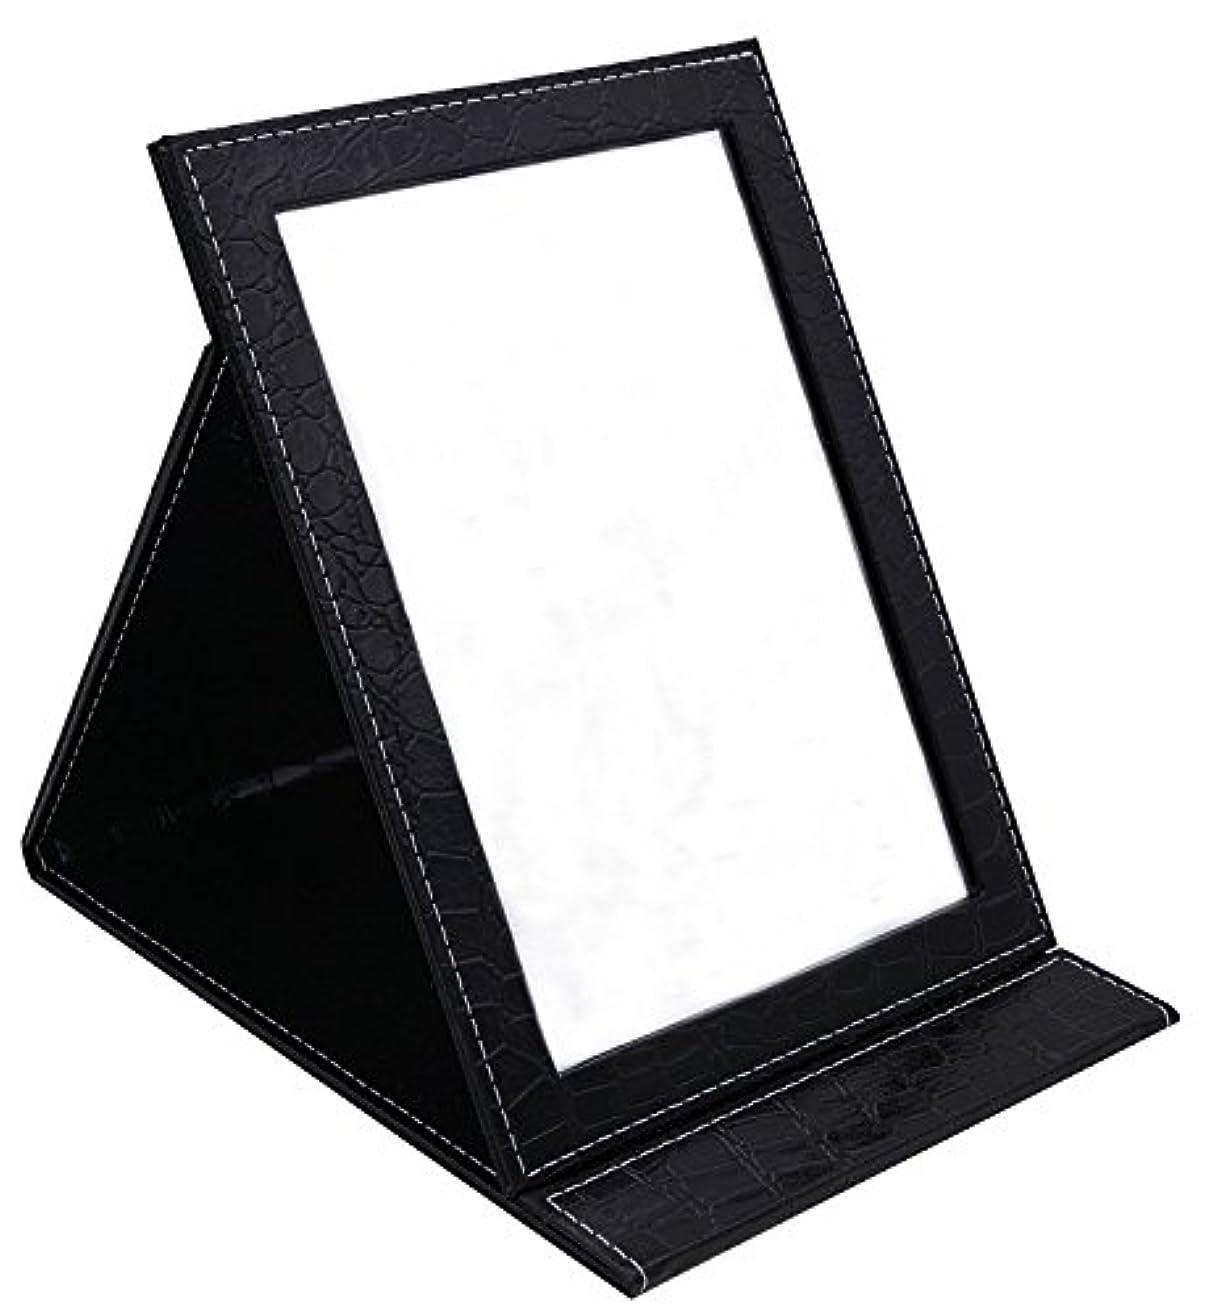 トラック食物著作権HAPPY CY 化粧鏡 折りたたみ式鏡 スタンドミラー 卓上スタンドミラー  携帯 鏡 クロコ柄 プレゼント  上質PUレザー使用